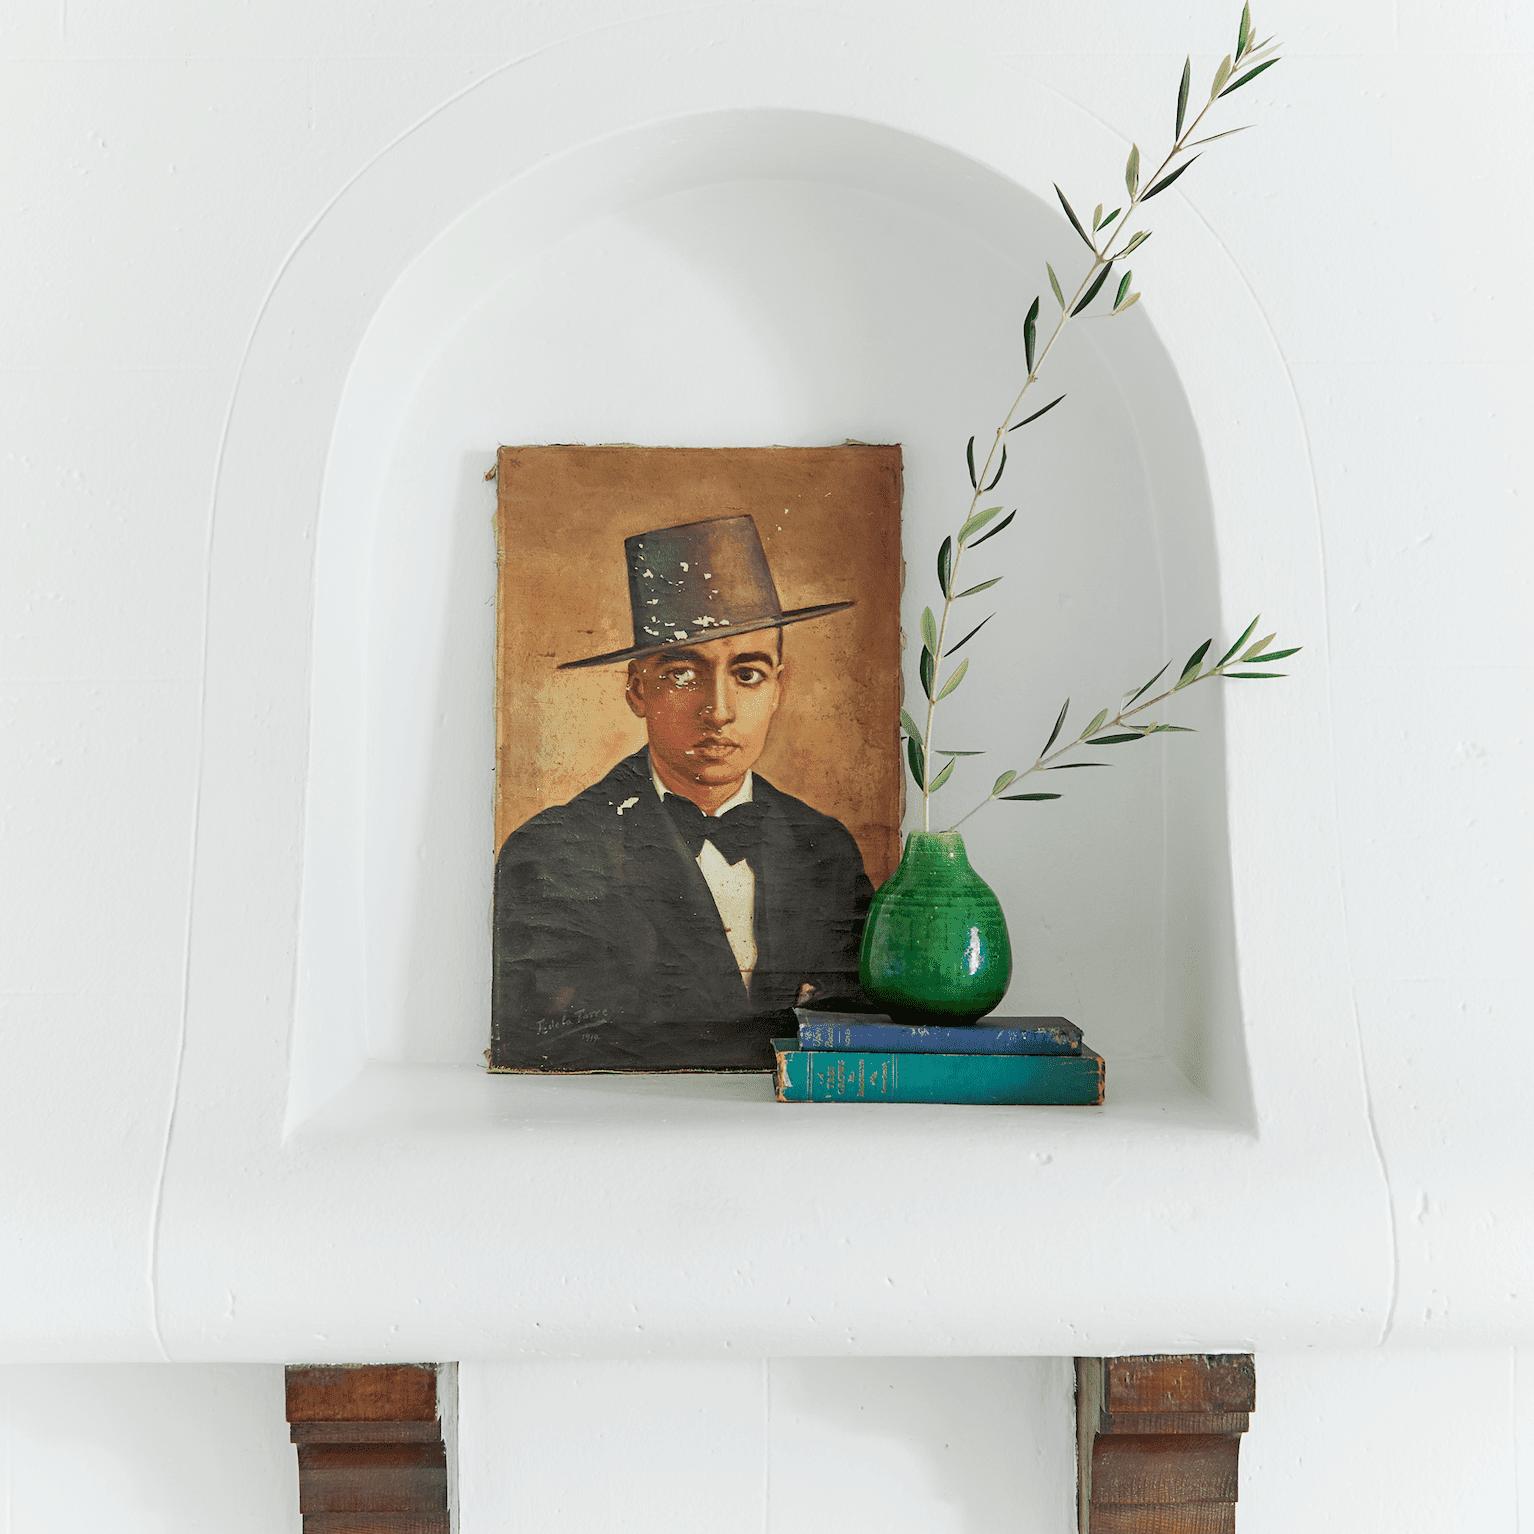 Arte vintage en el salón de Michael Keck en Los Ángeles